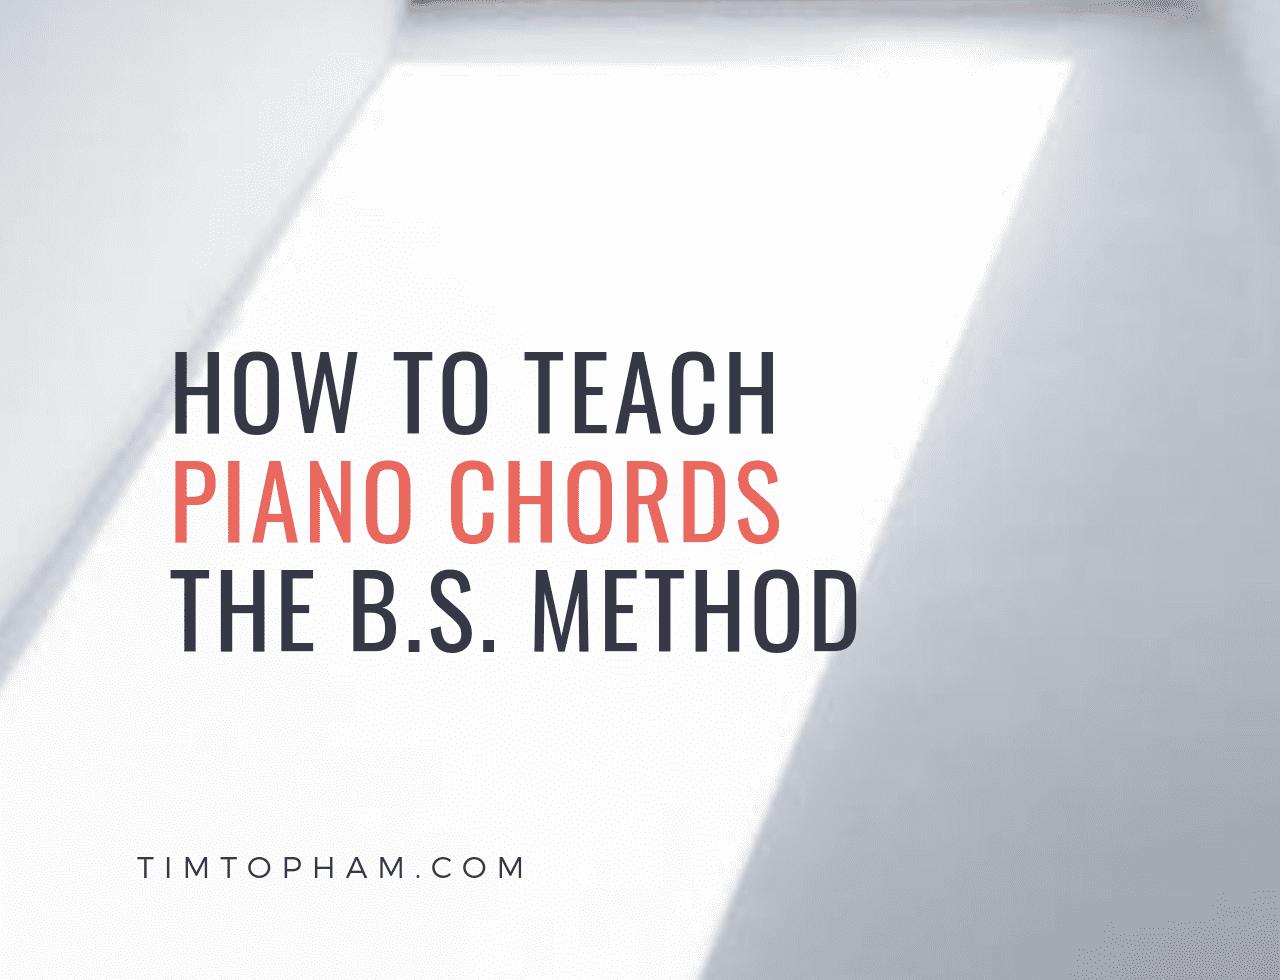 teach piano chords